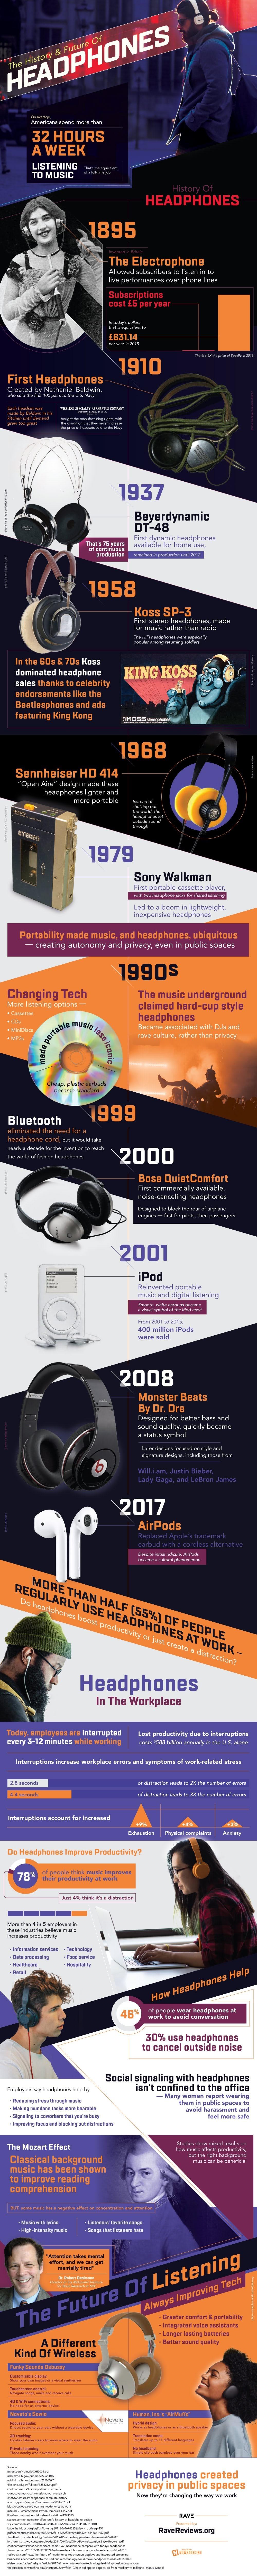 El pasado, presente y futuro de los audífonos (auriculares)